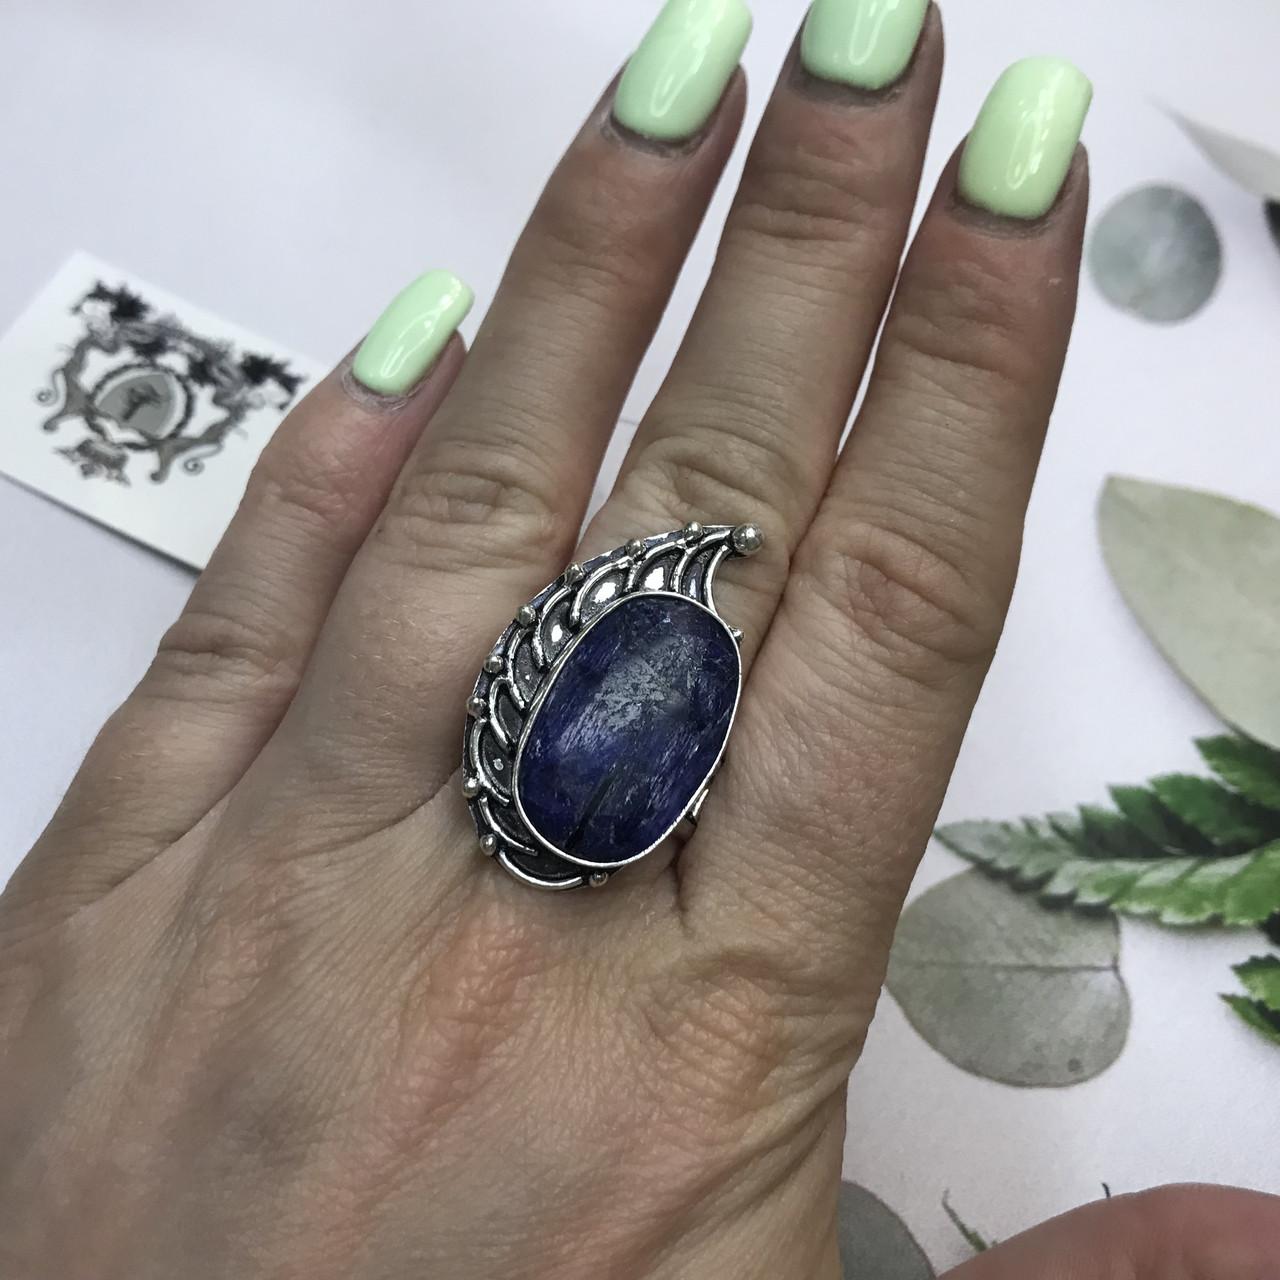 Сапфир кольцо 19,2 размер кольцо с камнем индийский натуральный сапфир в серебре кольцо с сапфиром.